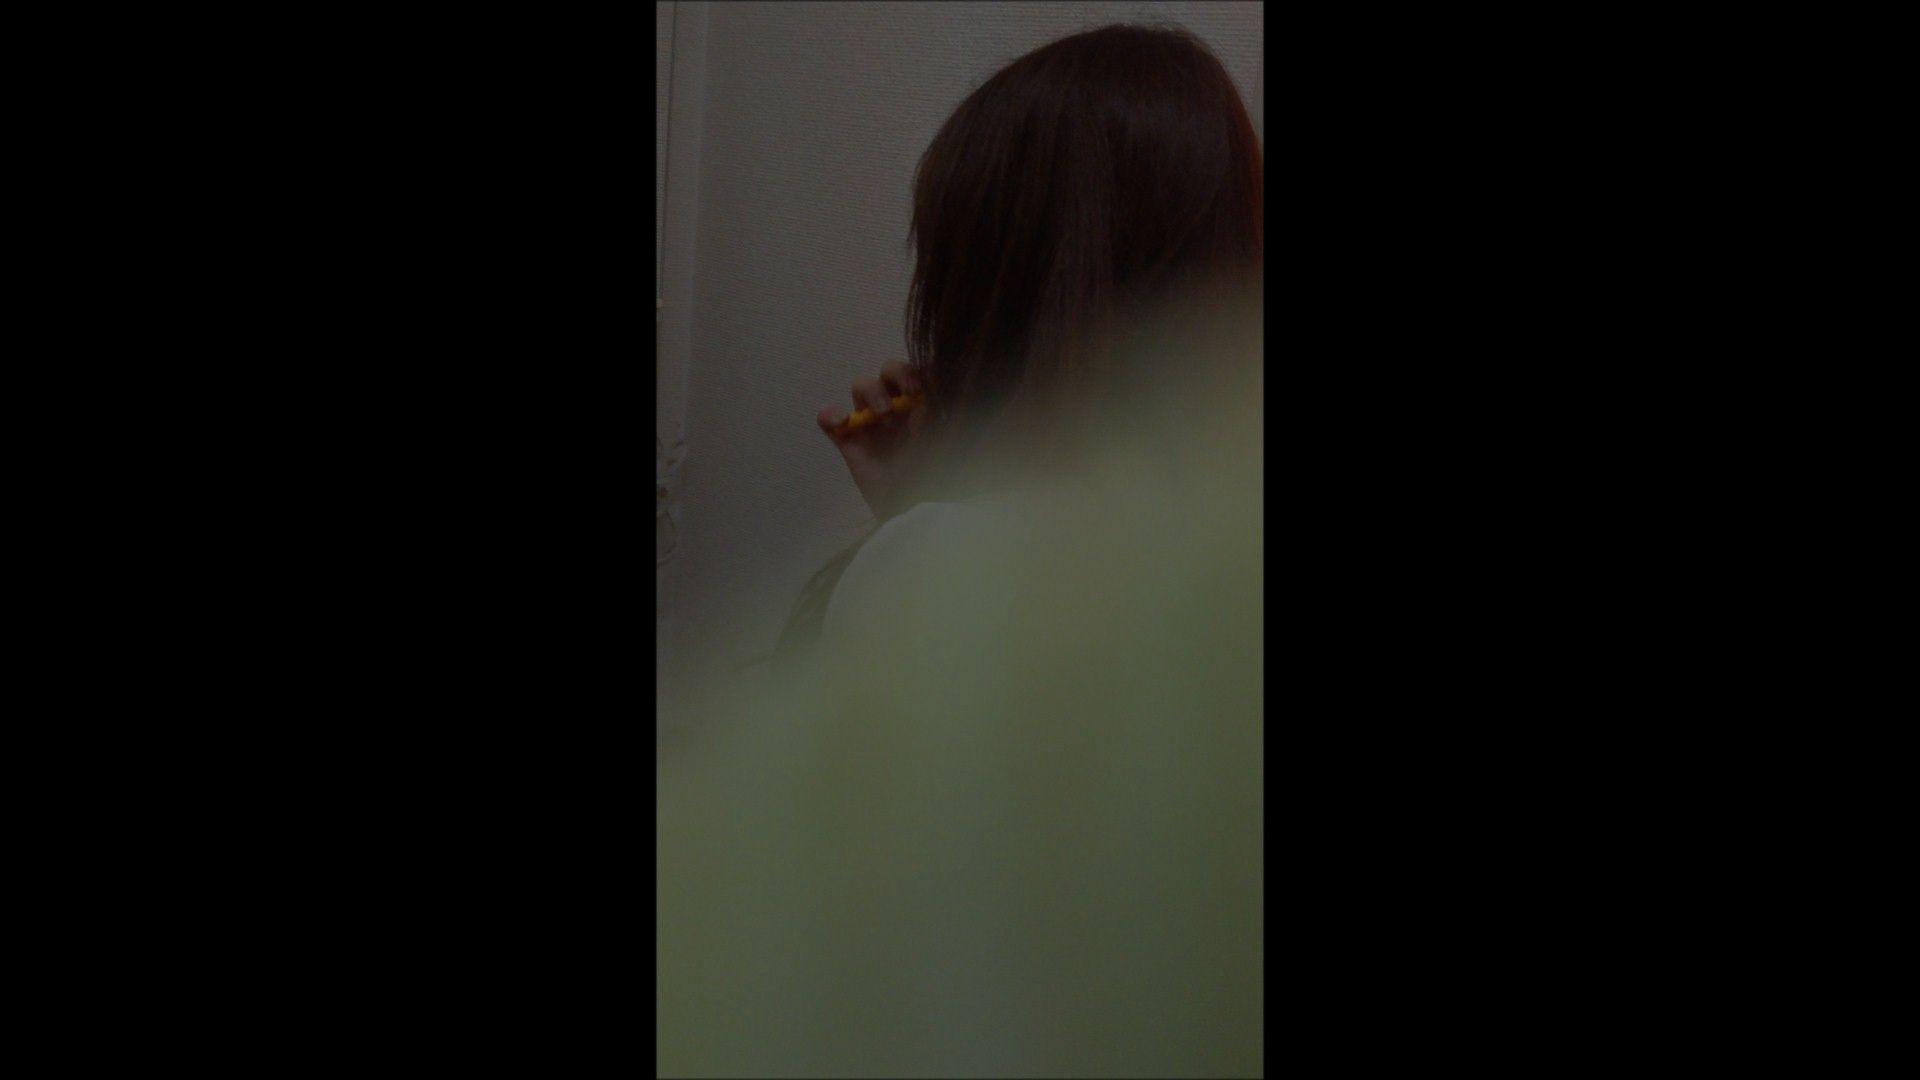 08(8日目)メイク中の彼女の顔を撮りました! マンコ特集 | オマンコ丸見え  59連発 54